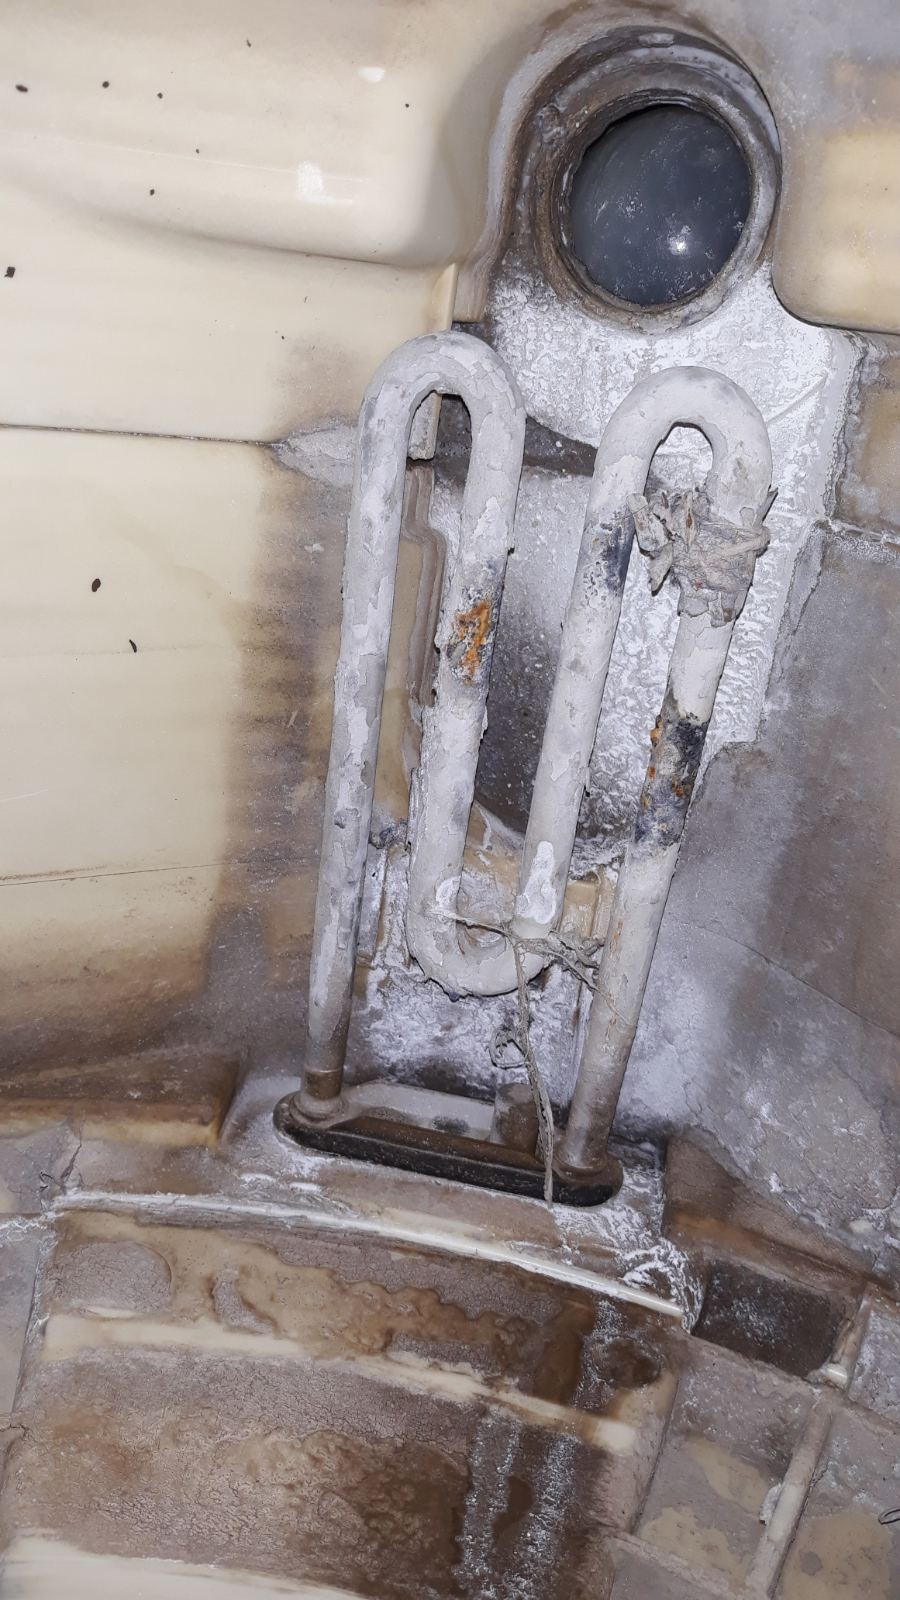 Неисправен тен стиральной машины